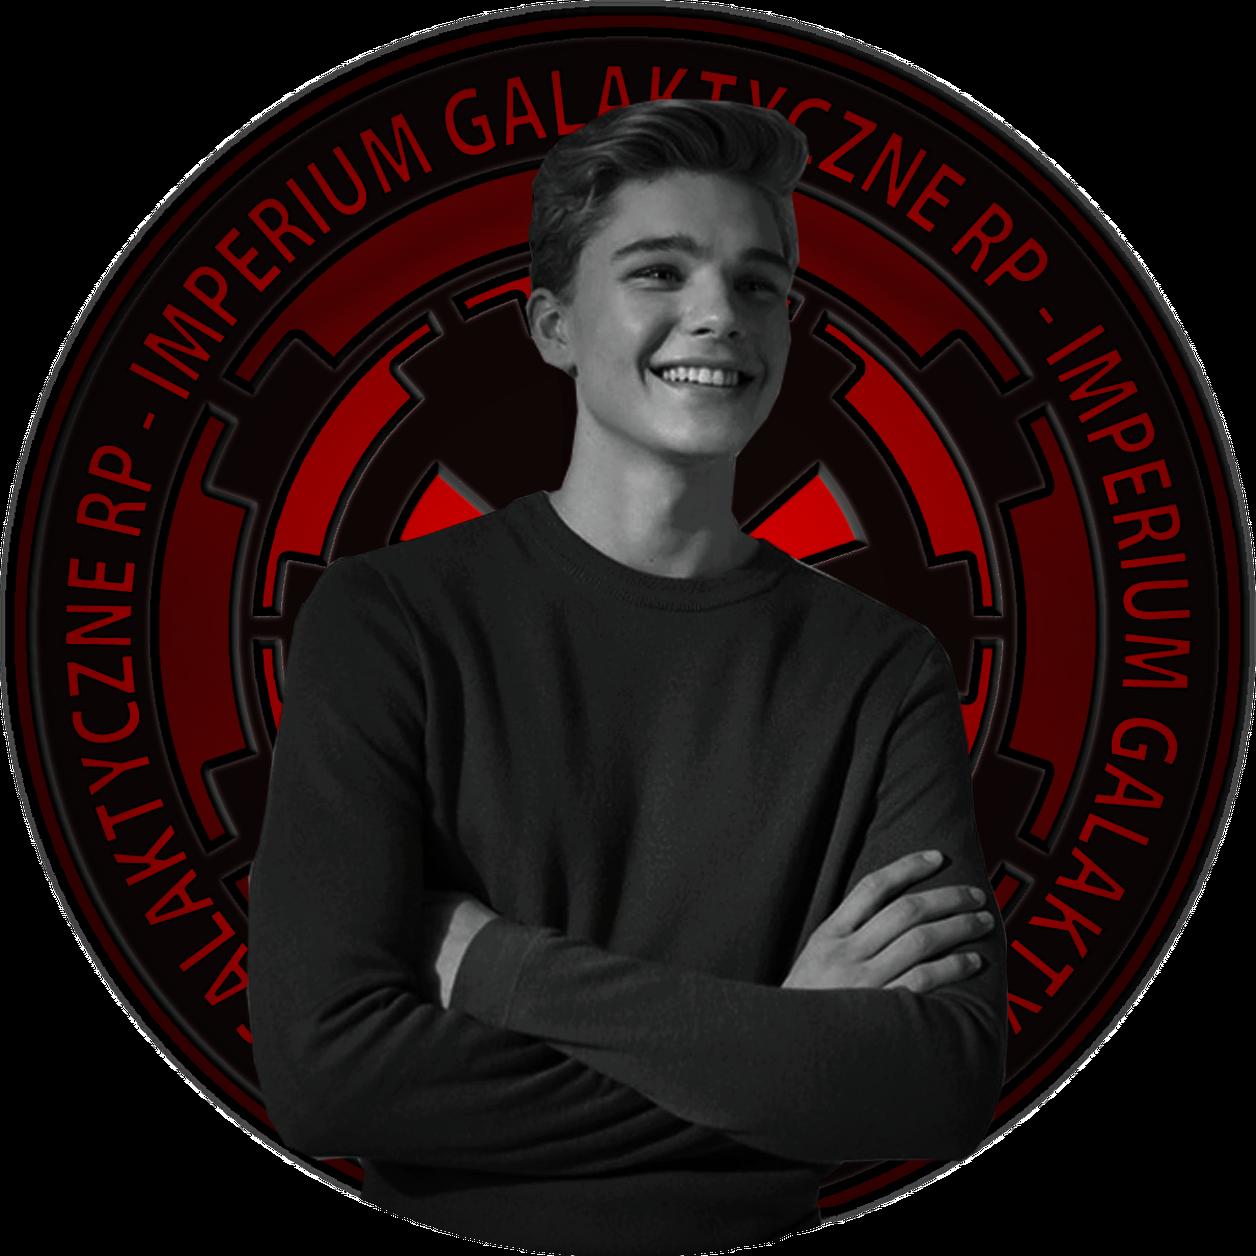 Igrp logotyp karek (1).png